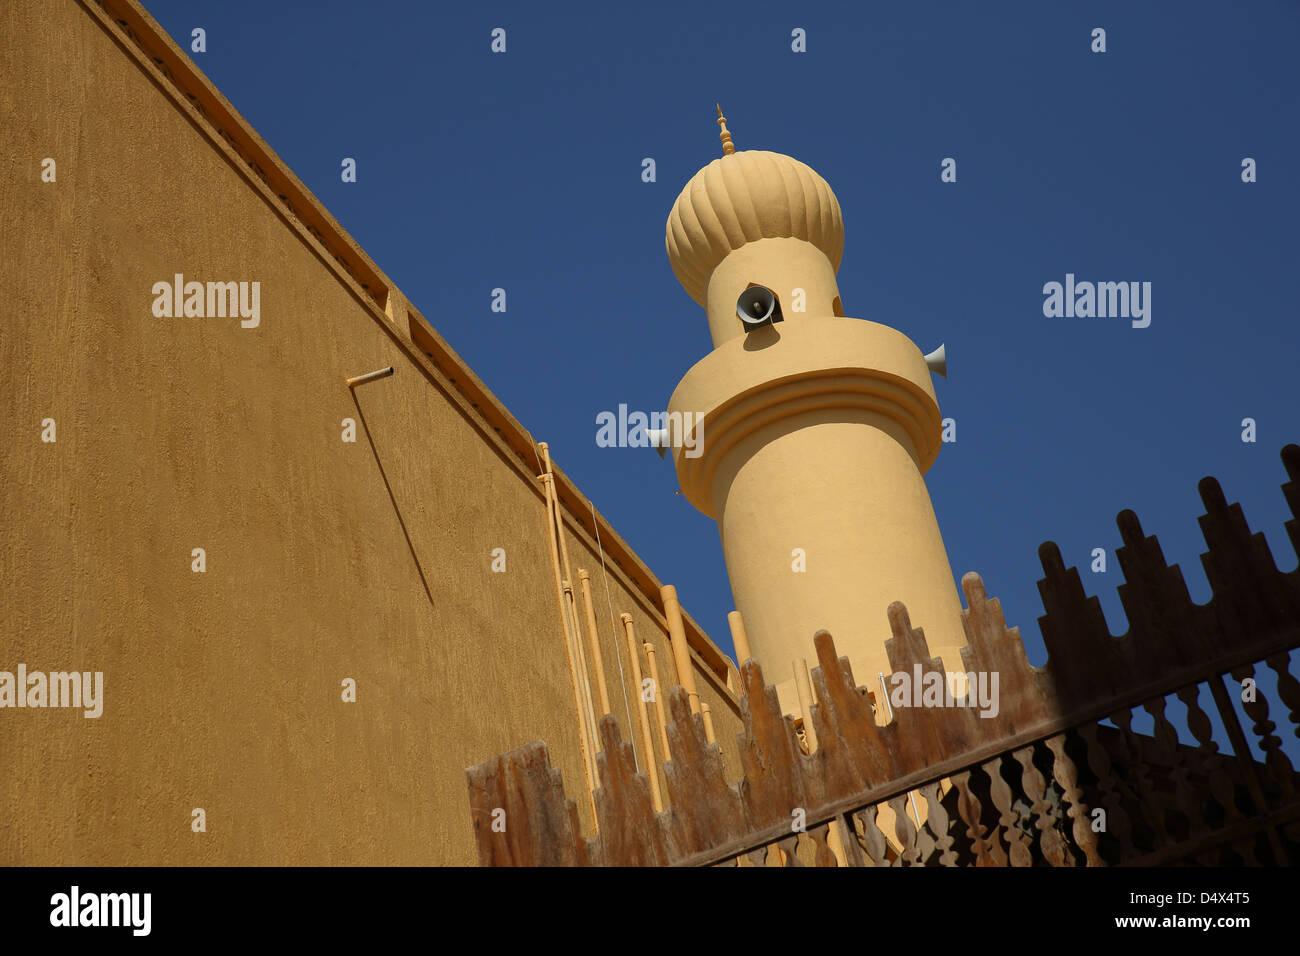 La tour de la mosquée avec des haut-parleurs, Dubai, Émirats Arabes Unis Banque D'Images